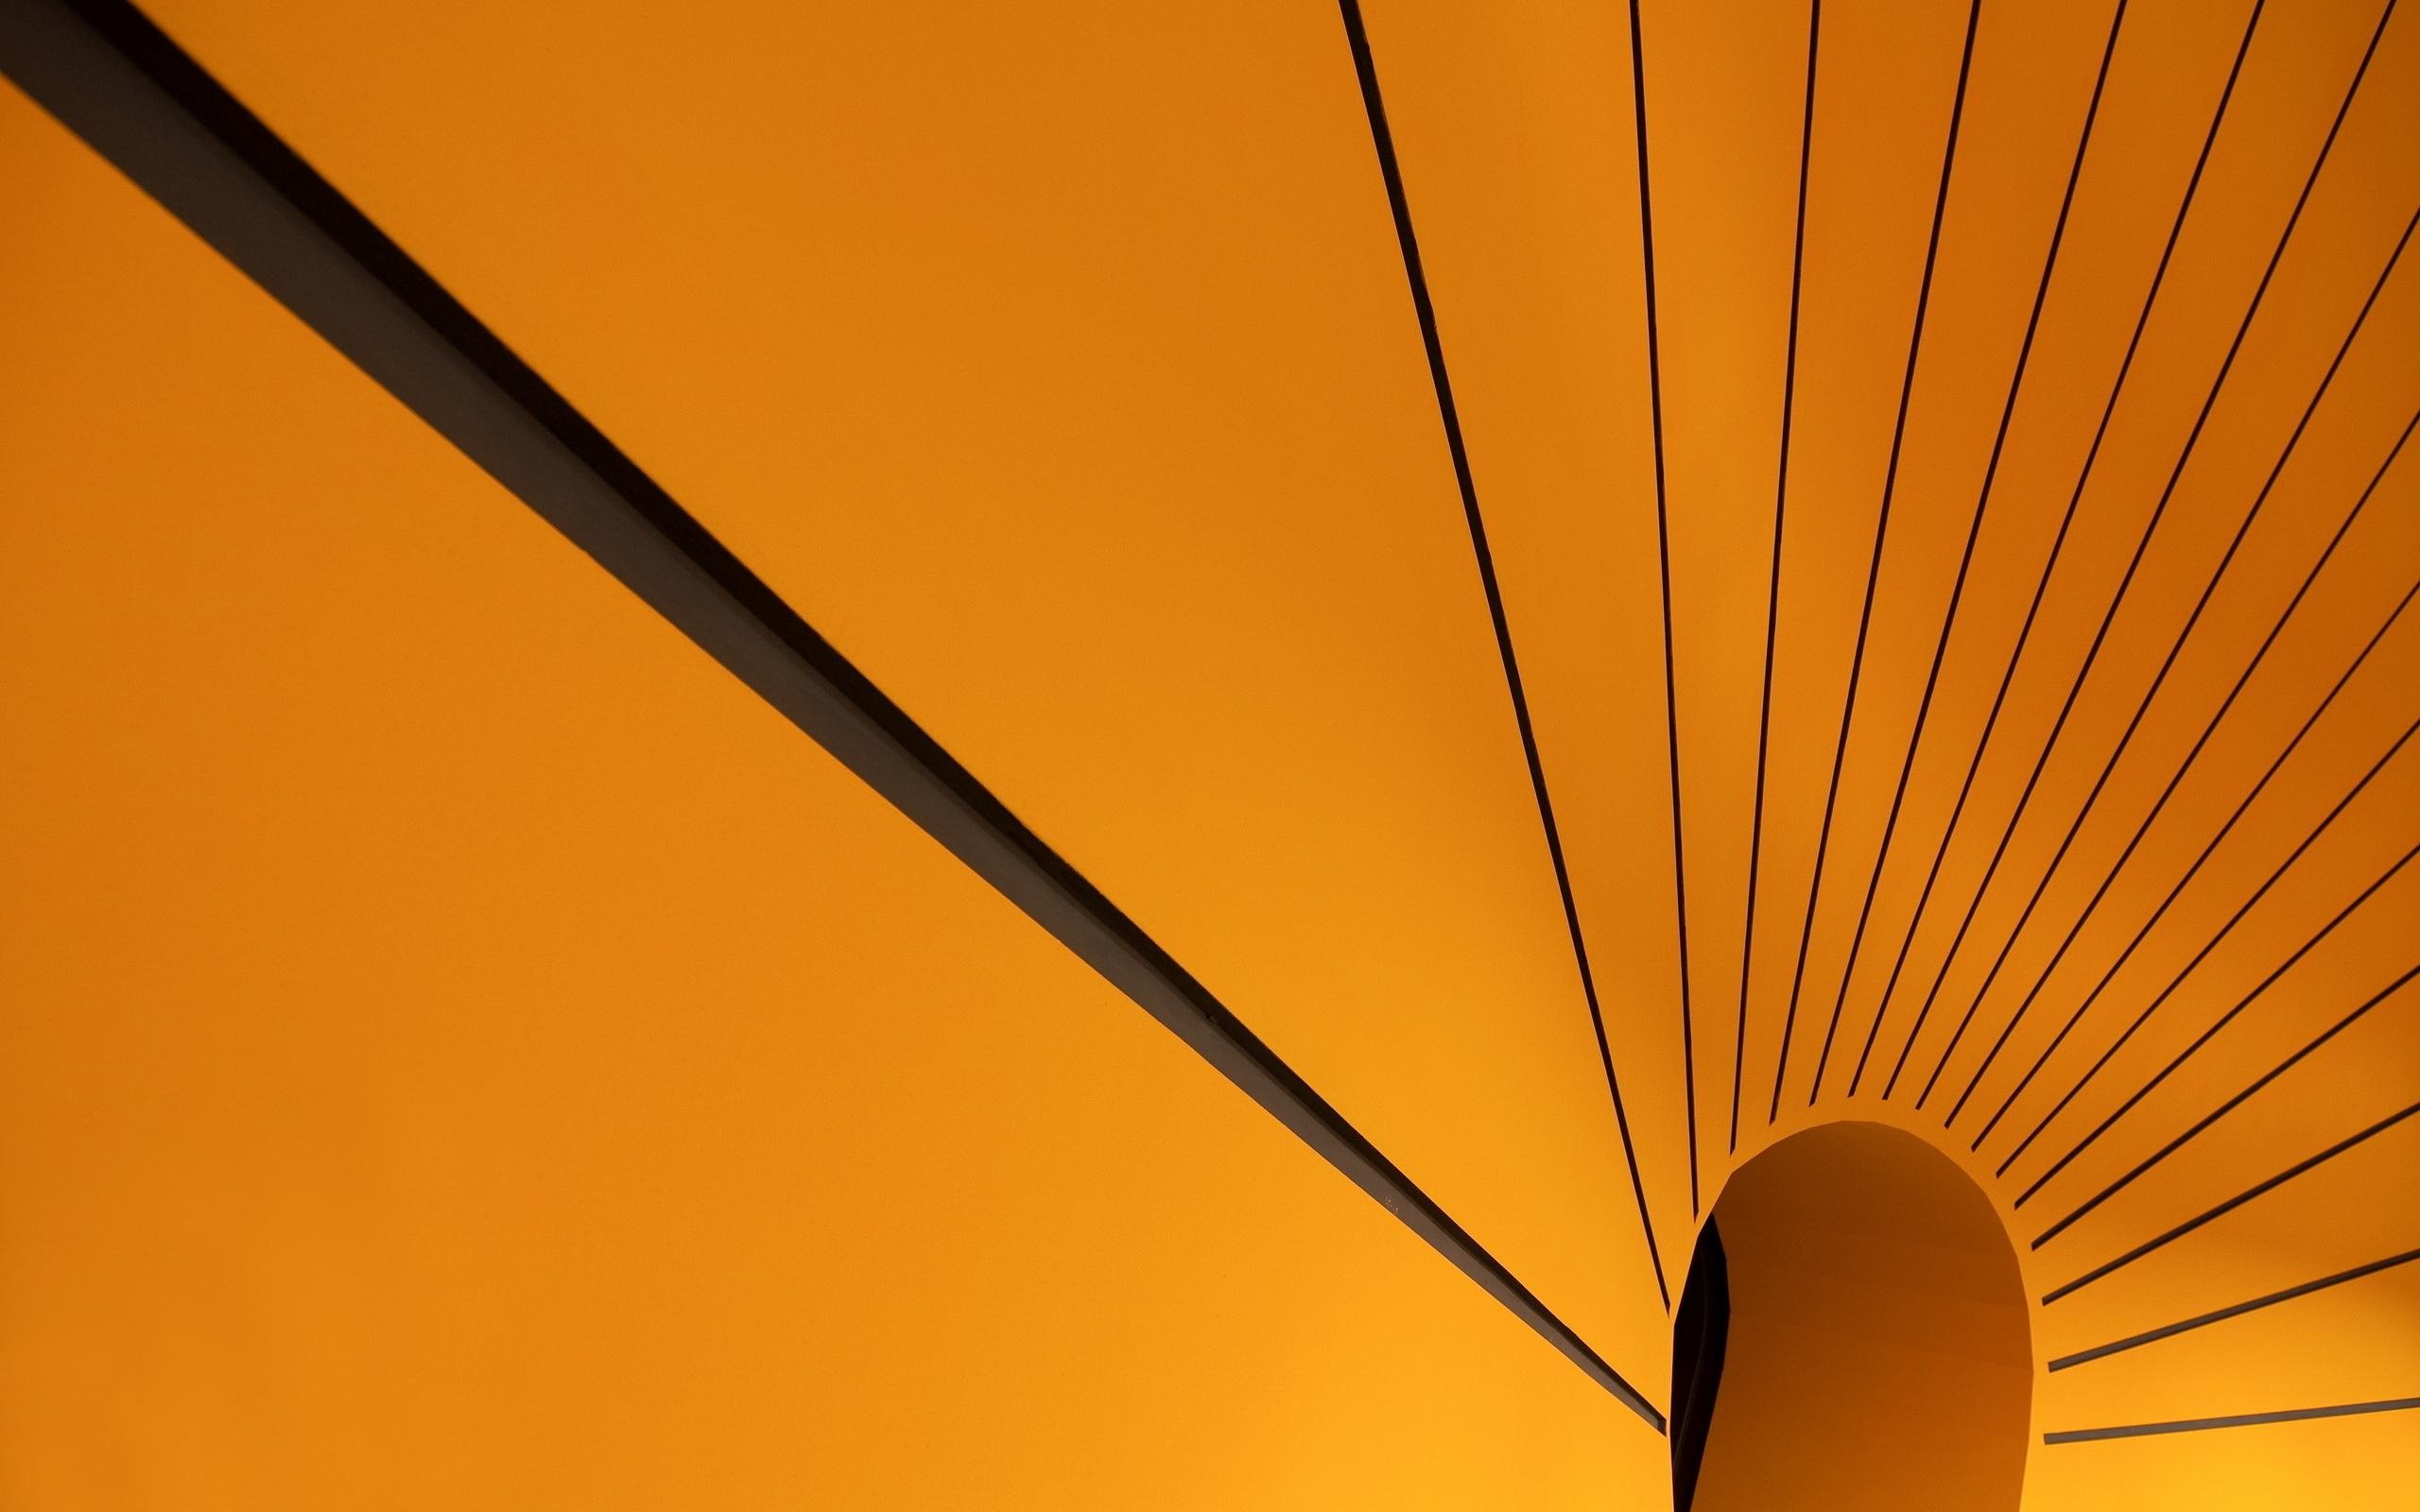 Orange Computer Wallpapers, Desktop Backgrounds ...